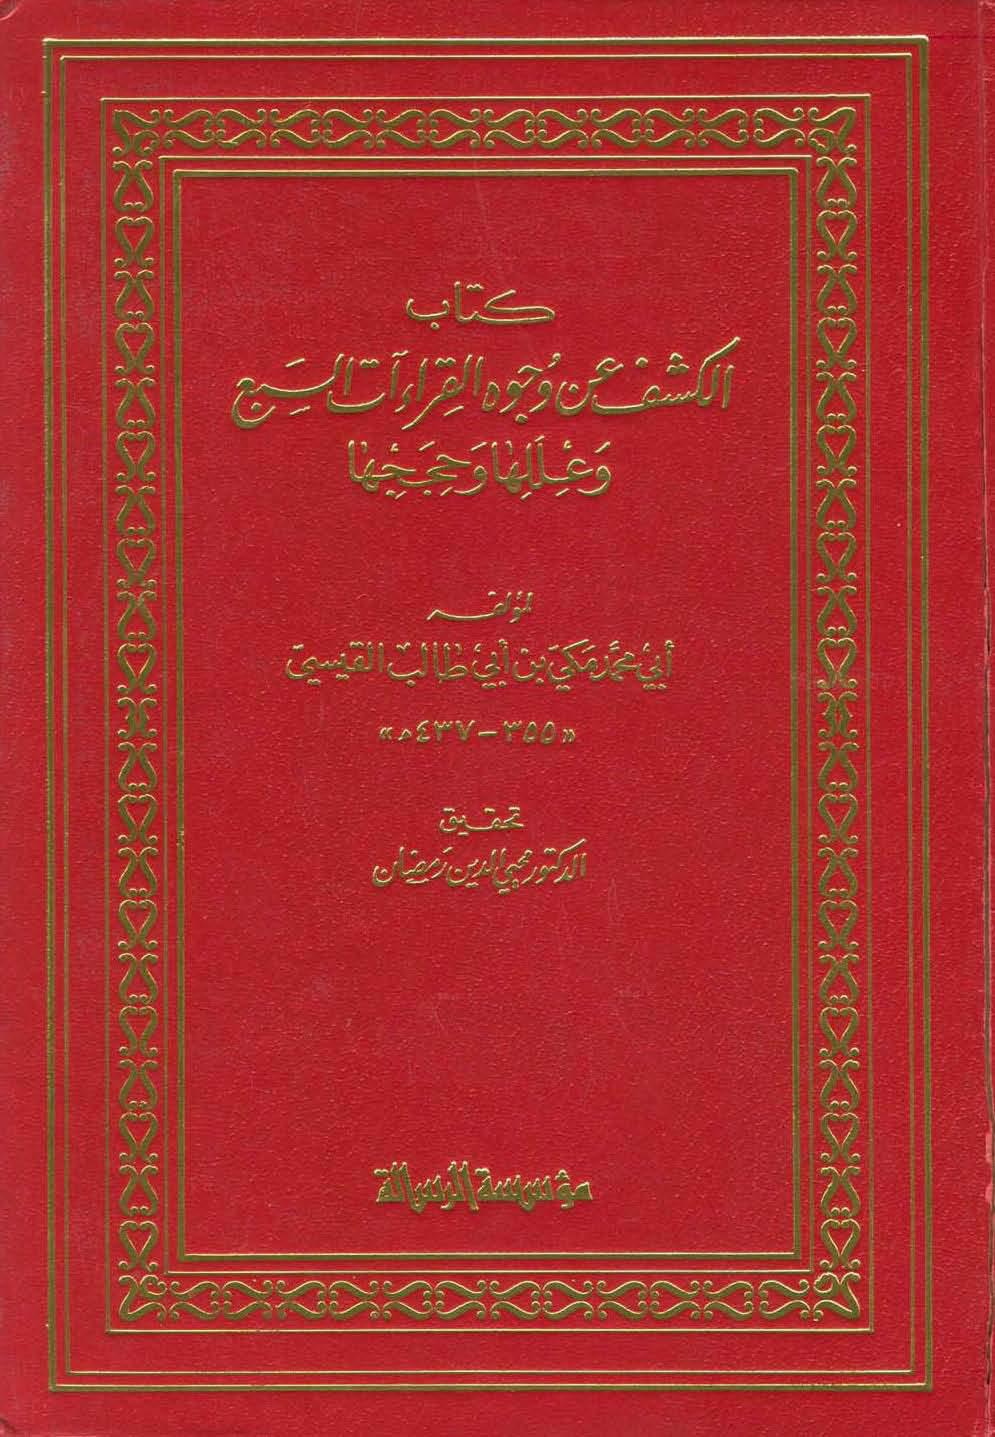 تحميل كتاب الكشف عن وجوه القراءات السبع وعللها وحججها (ت رمضان) لـِ: الإمام أبو محمد مكي بن أبي طالب حمّوش القيسي (ت 437)